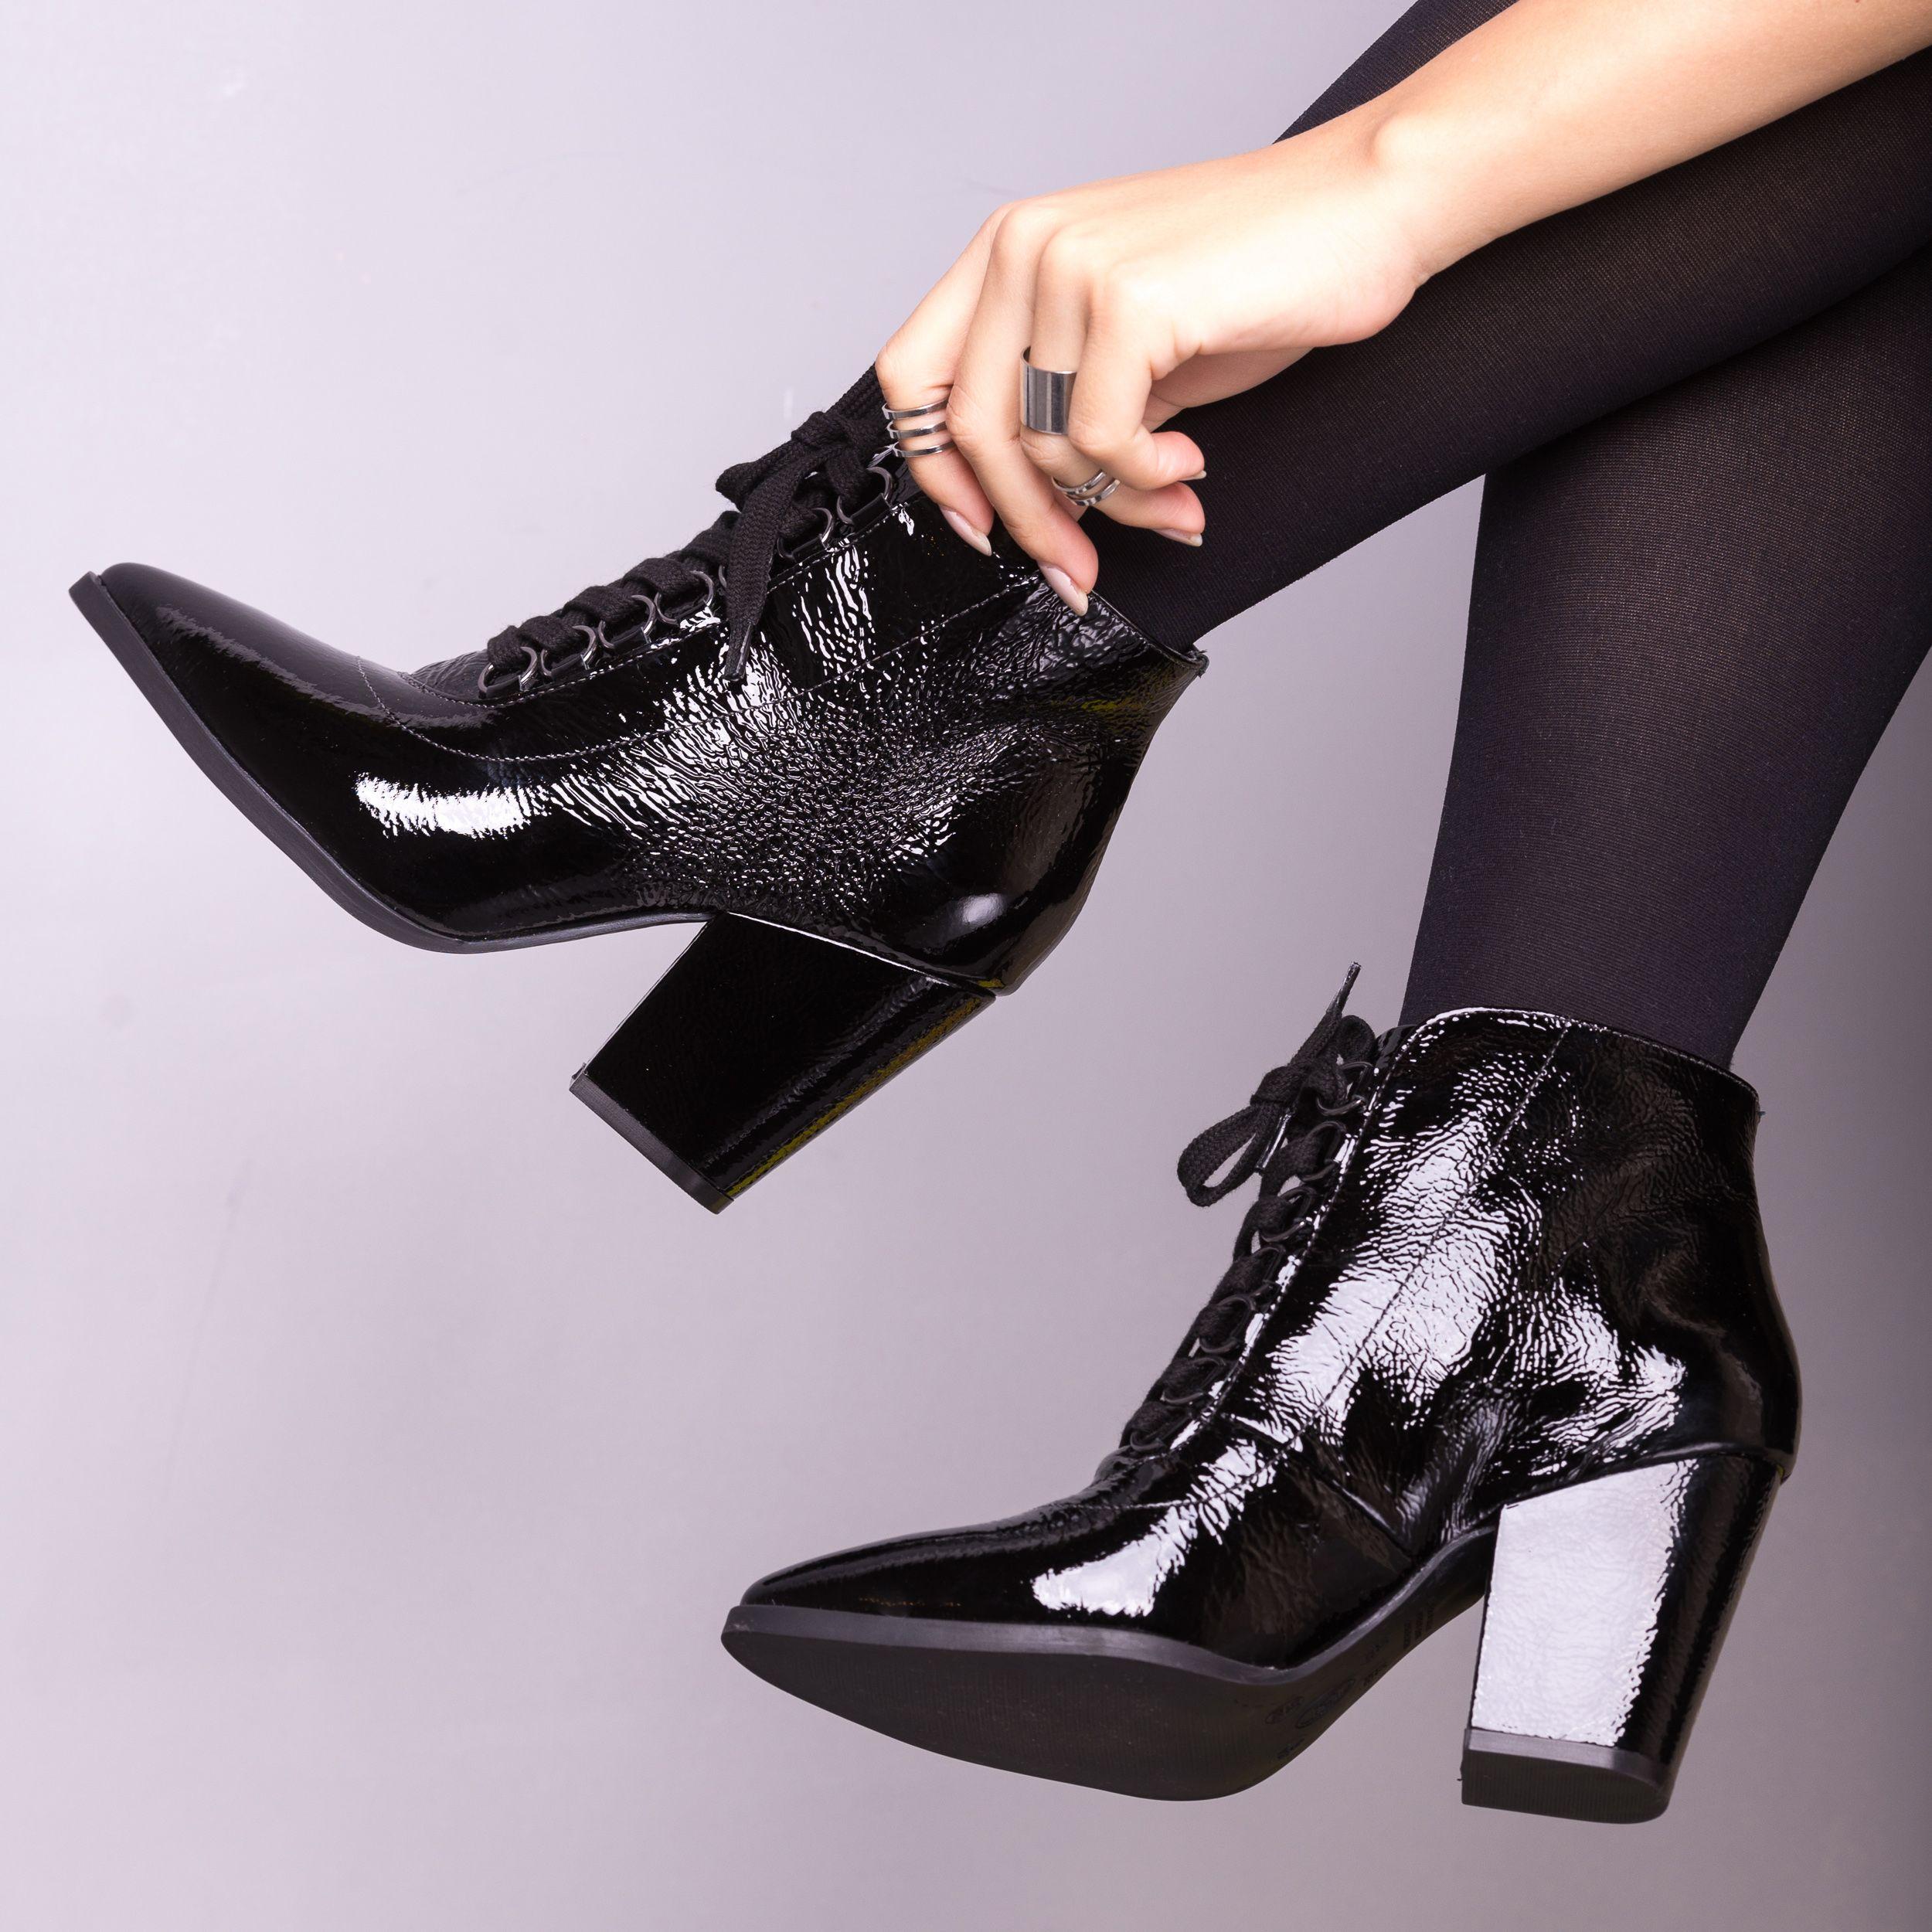 677abdebb Botas Femininas - Bottero   calçados   Botas, Botas femininas e Bota ...